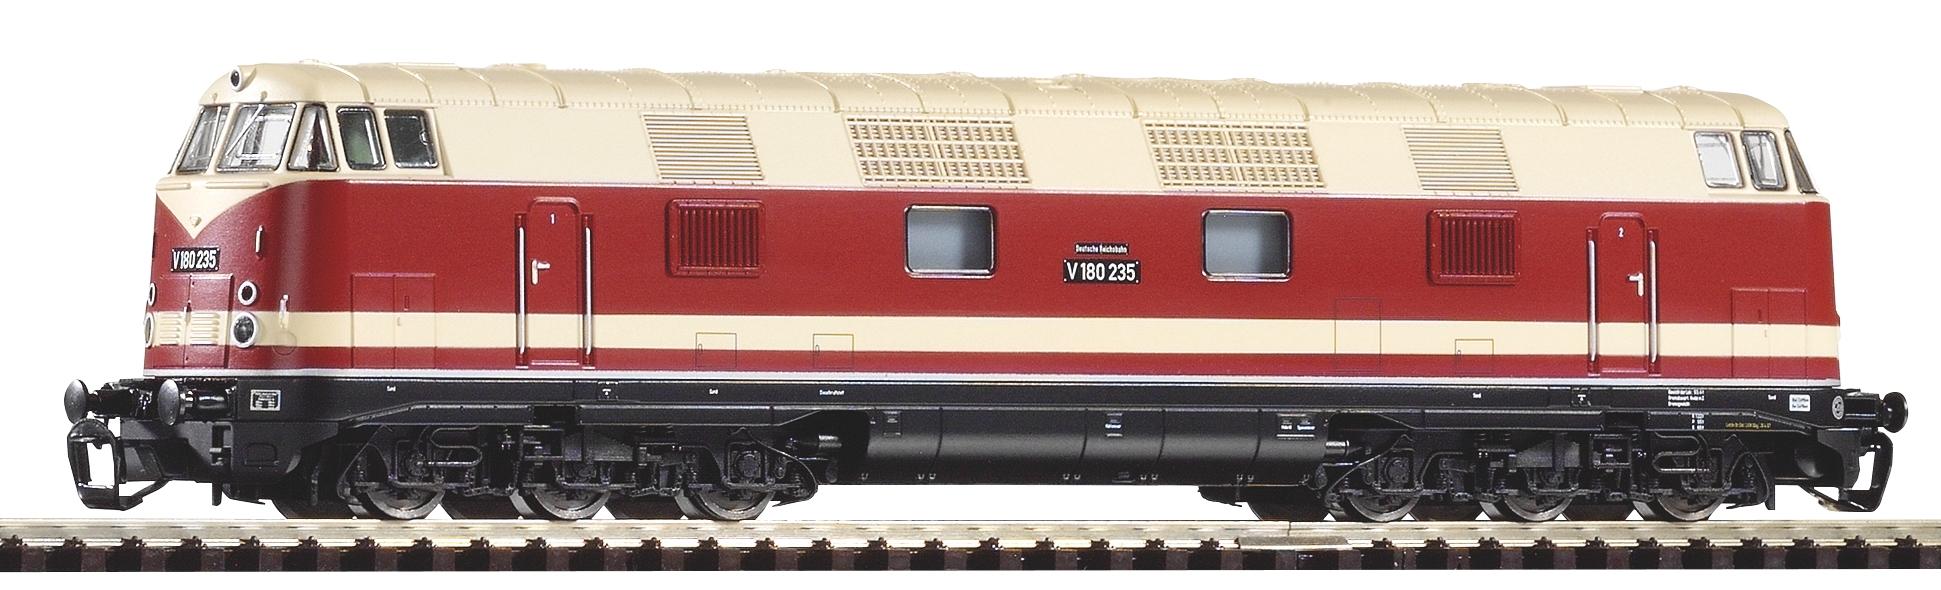 Piko Dieselová lokomotiva BR 118 (V 180) s 6 nápravami DR III - 47291